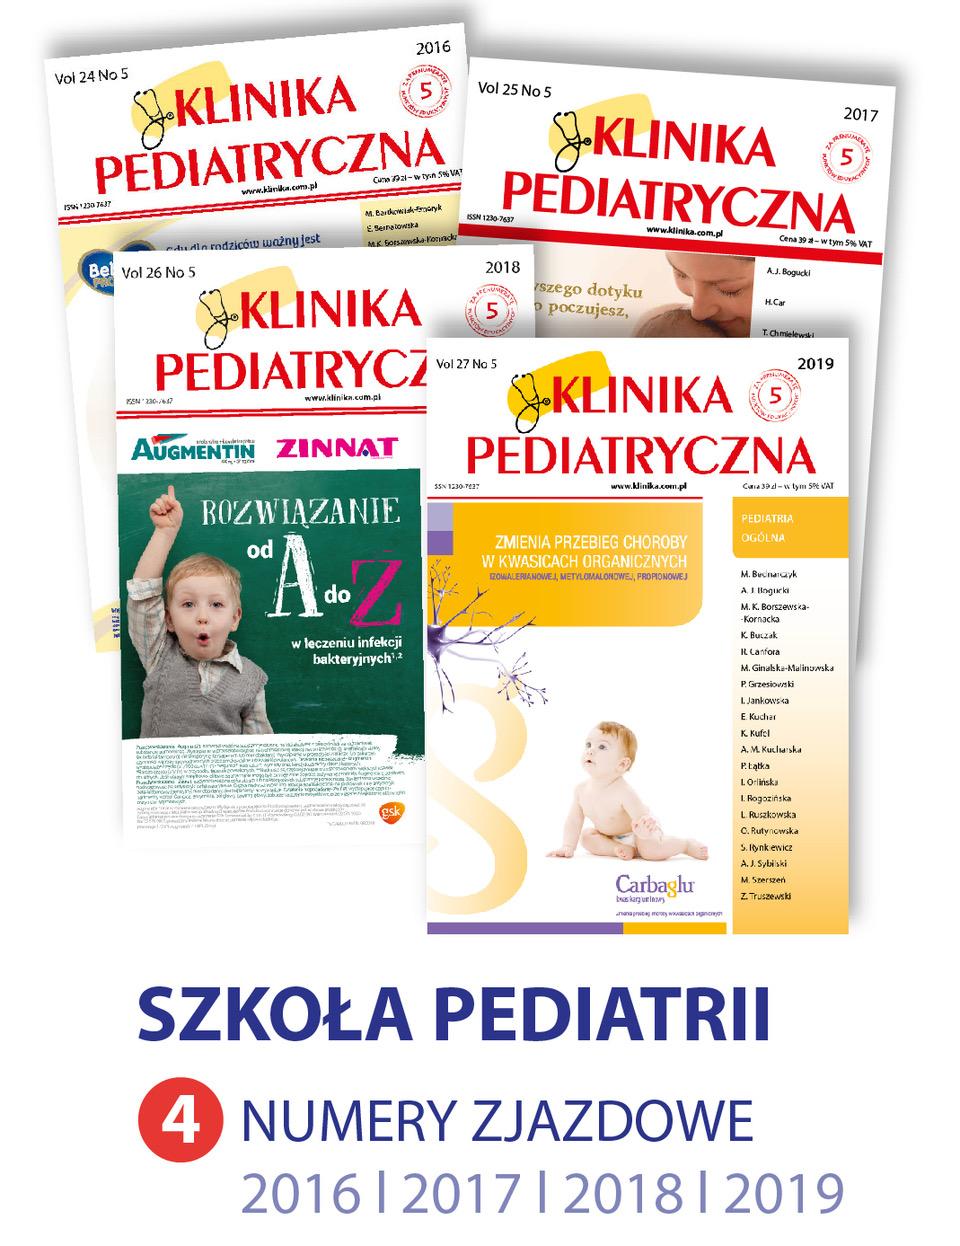 Pakiet 4 numerów zjazdowych - Szkoła Pediatrii 2016-2019